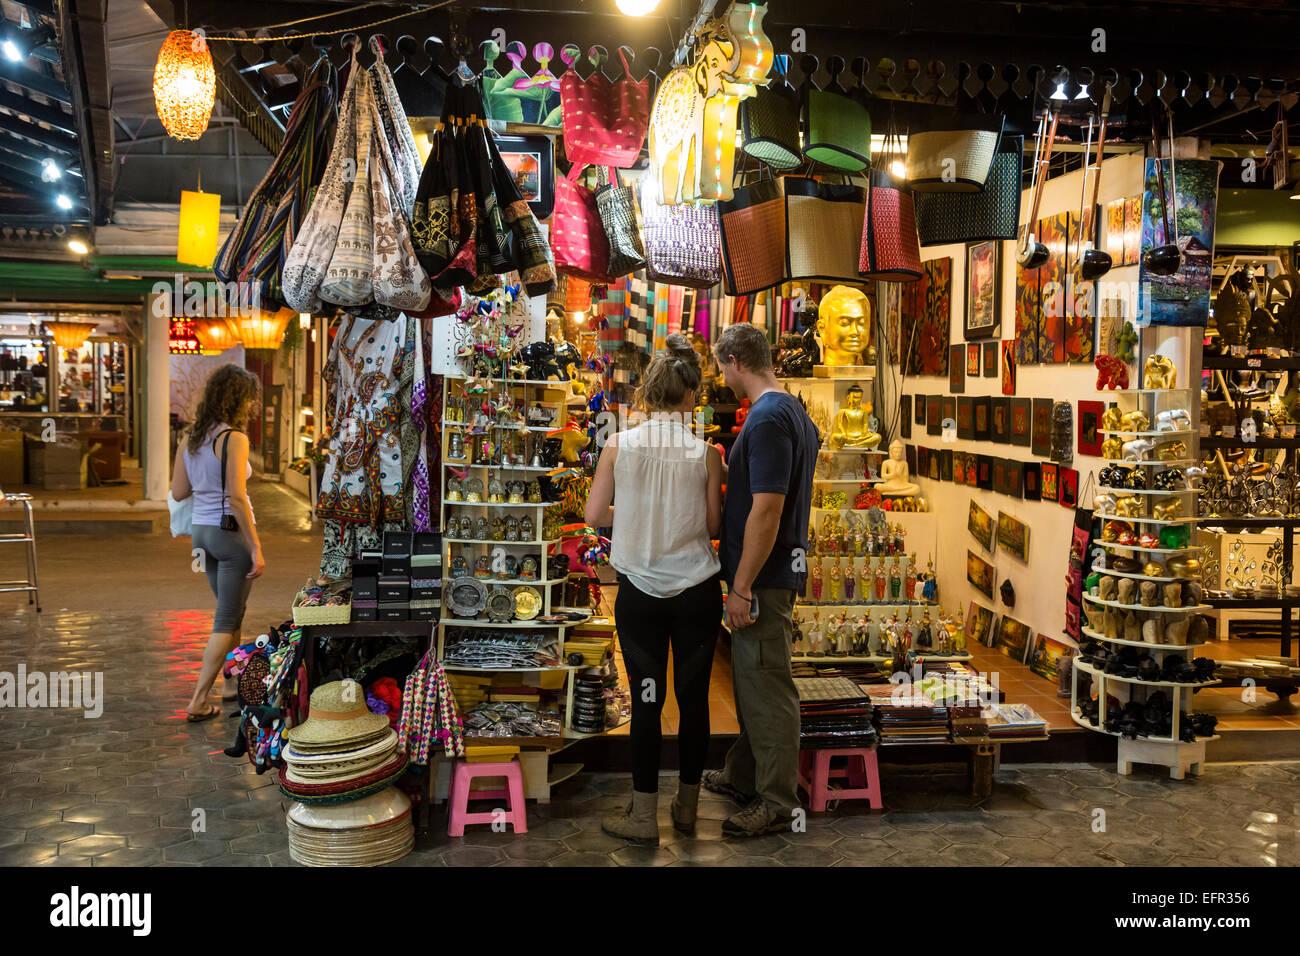 Les touristes au marché de nuit, Siem Reap, Cambodge. Photo Stock